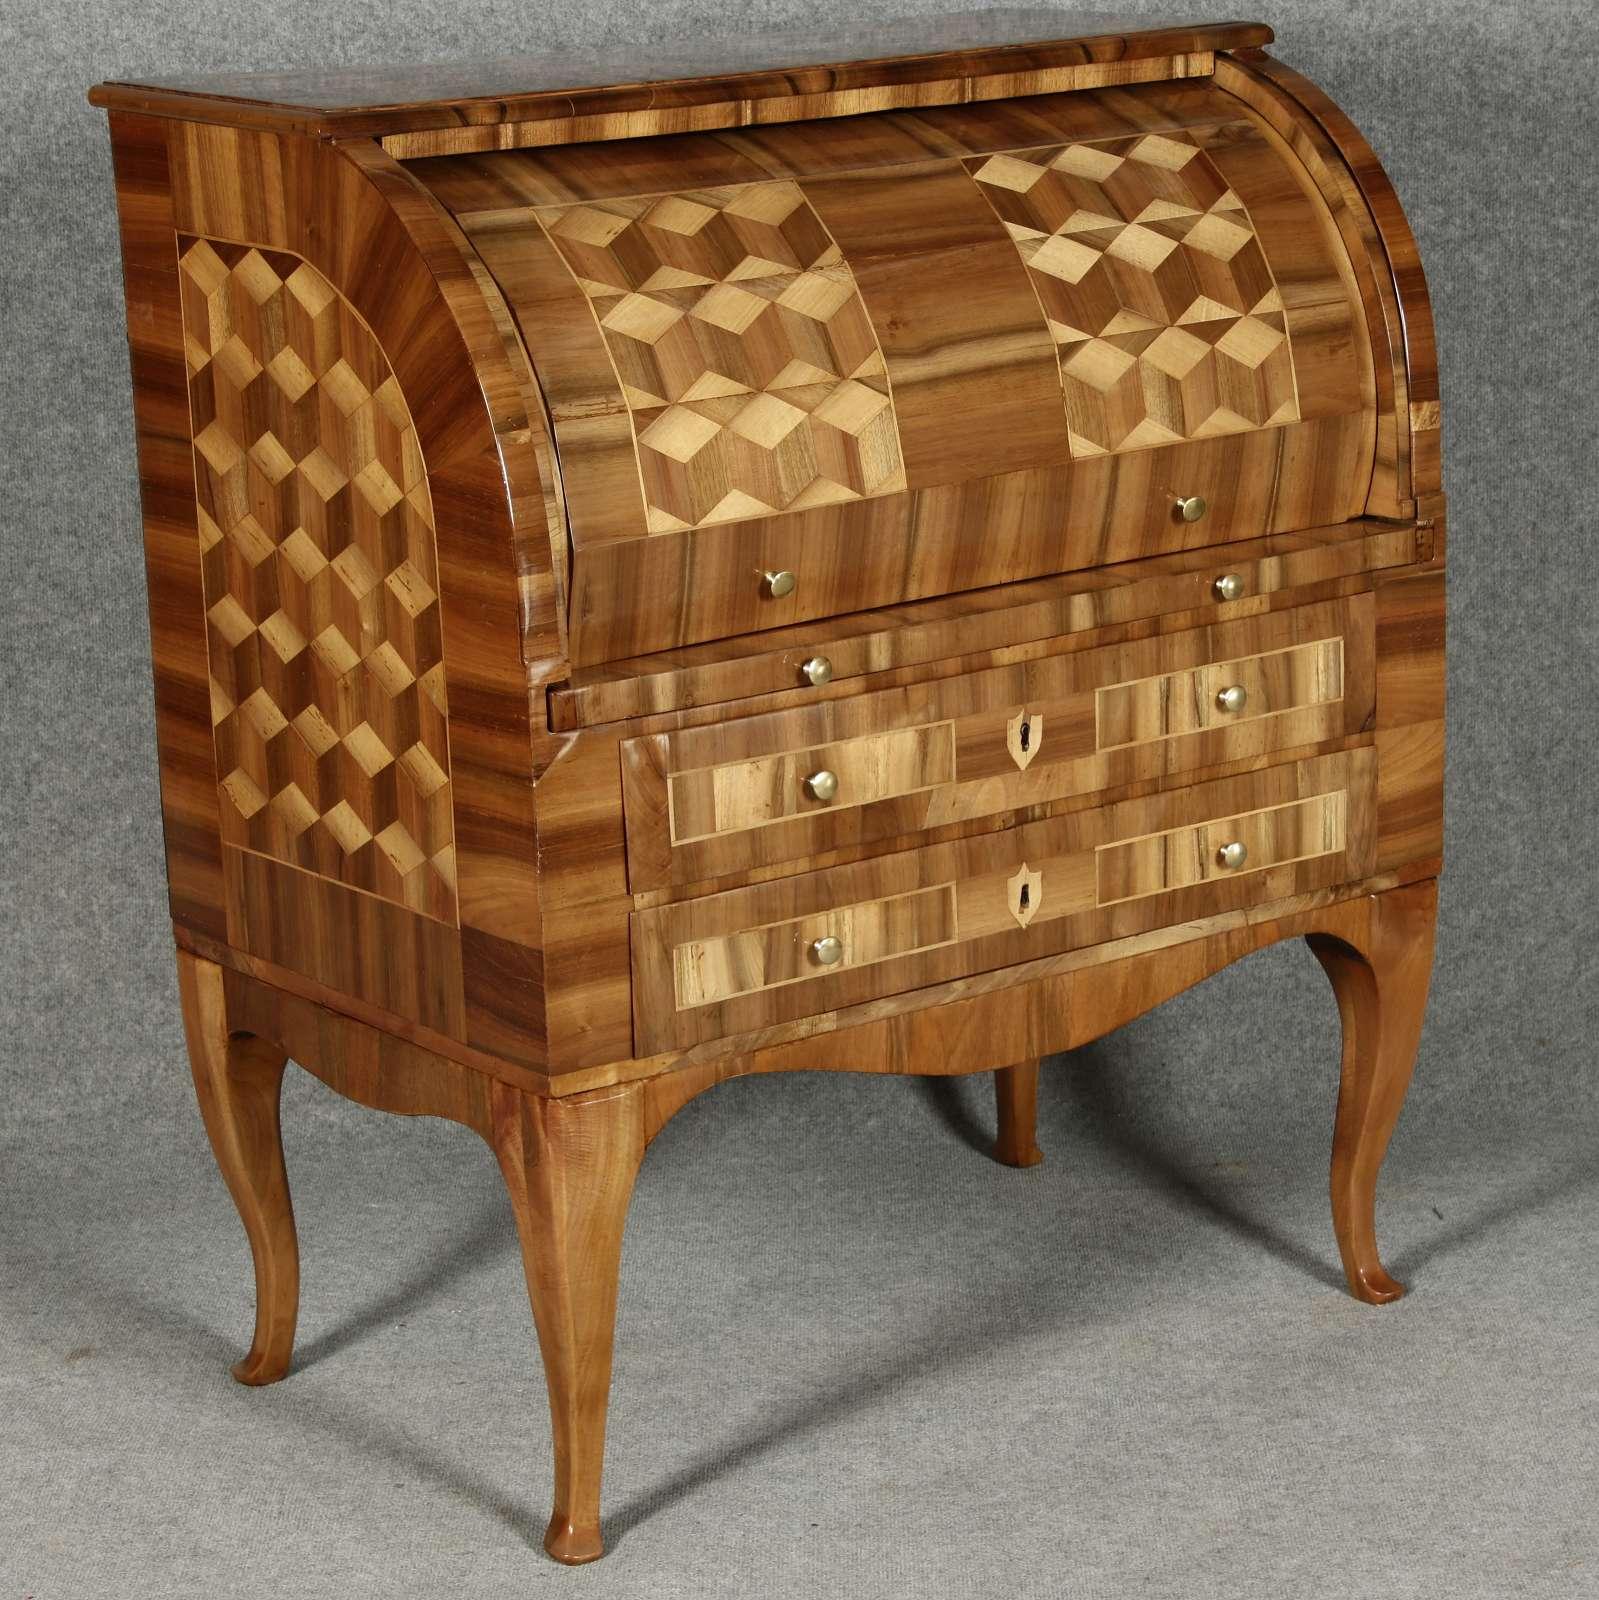 kleiner louis seize rollsekret r nur 1 m breit nussbaum ebay. Black Bedroom Furniture Sets. Home Design Ideas